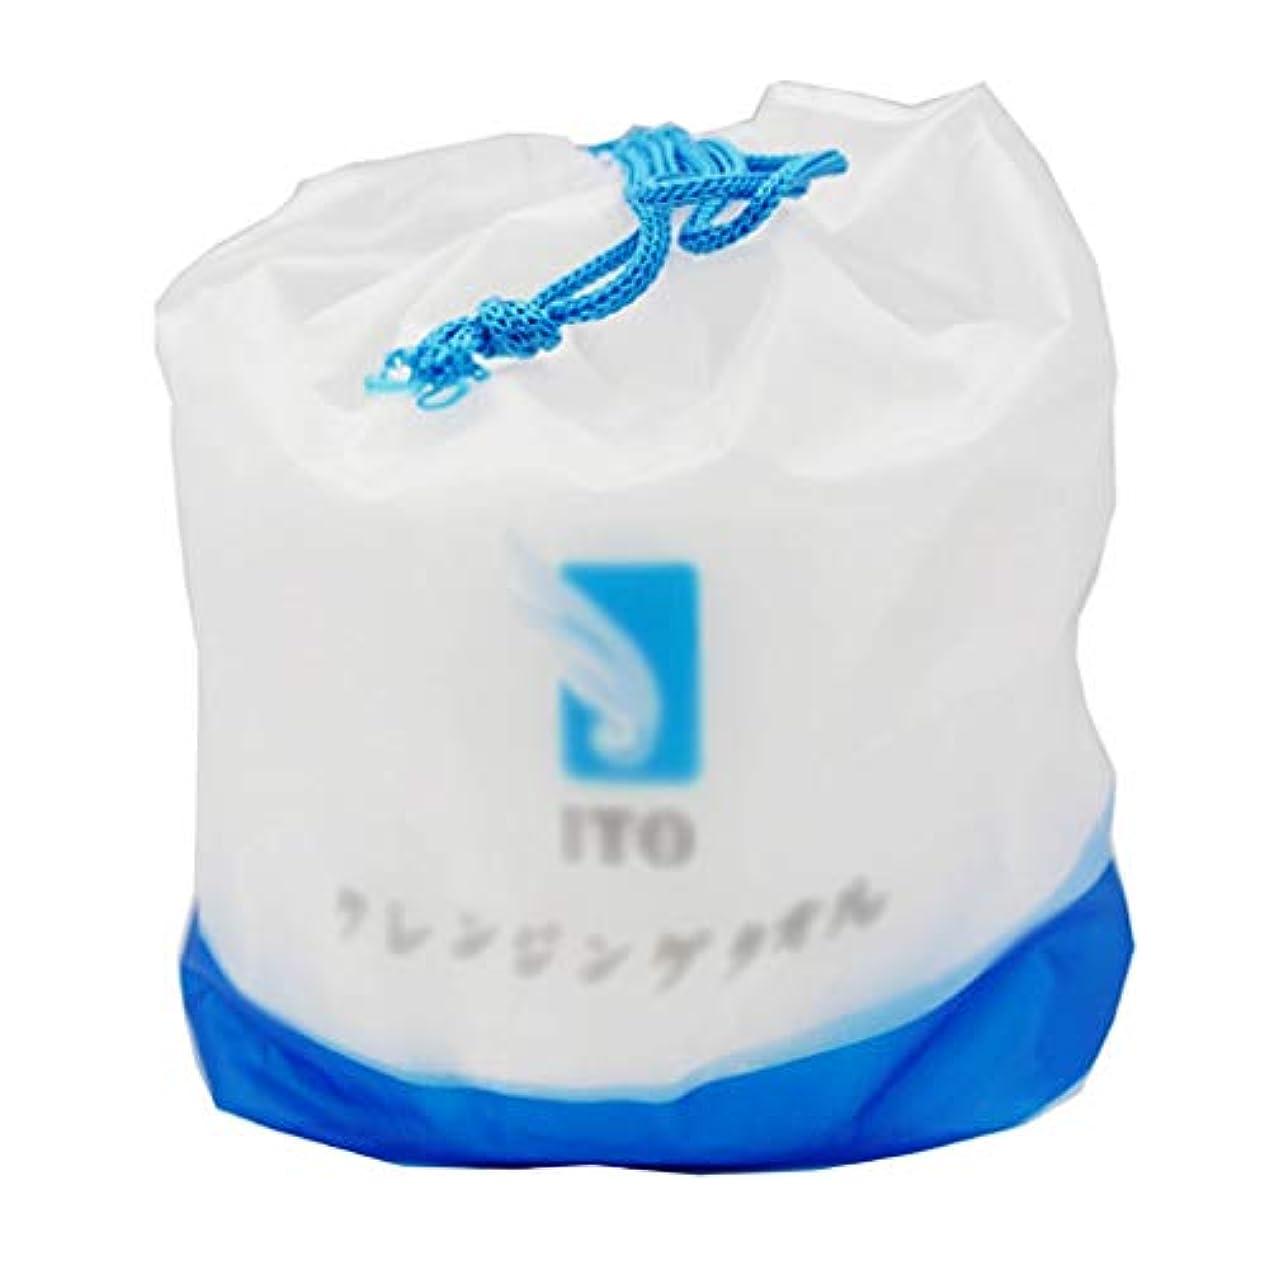 サンプル雑多なキャラバンクレンジングシート 綿美容フェイスタオル使い捨てクレンジングタオルタオルロール綿パッド女性の美容ツール多目的 (Color : White, サイズ : 20*25cm)